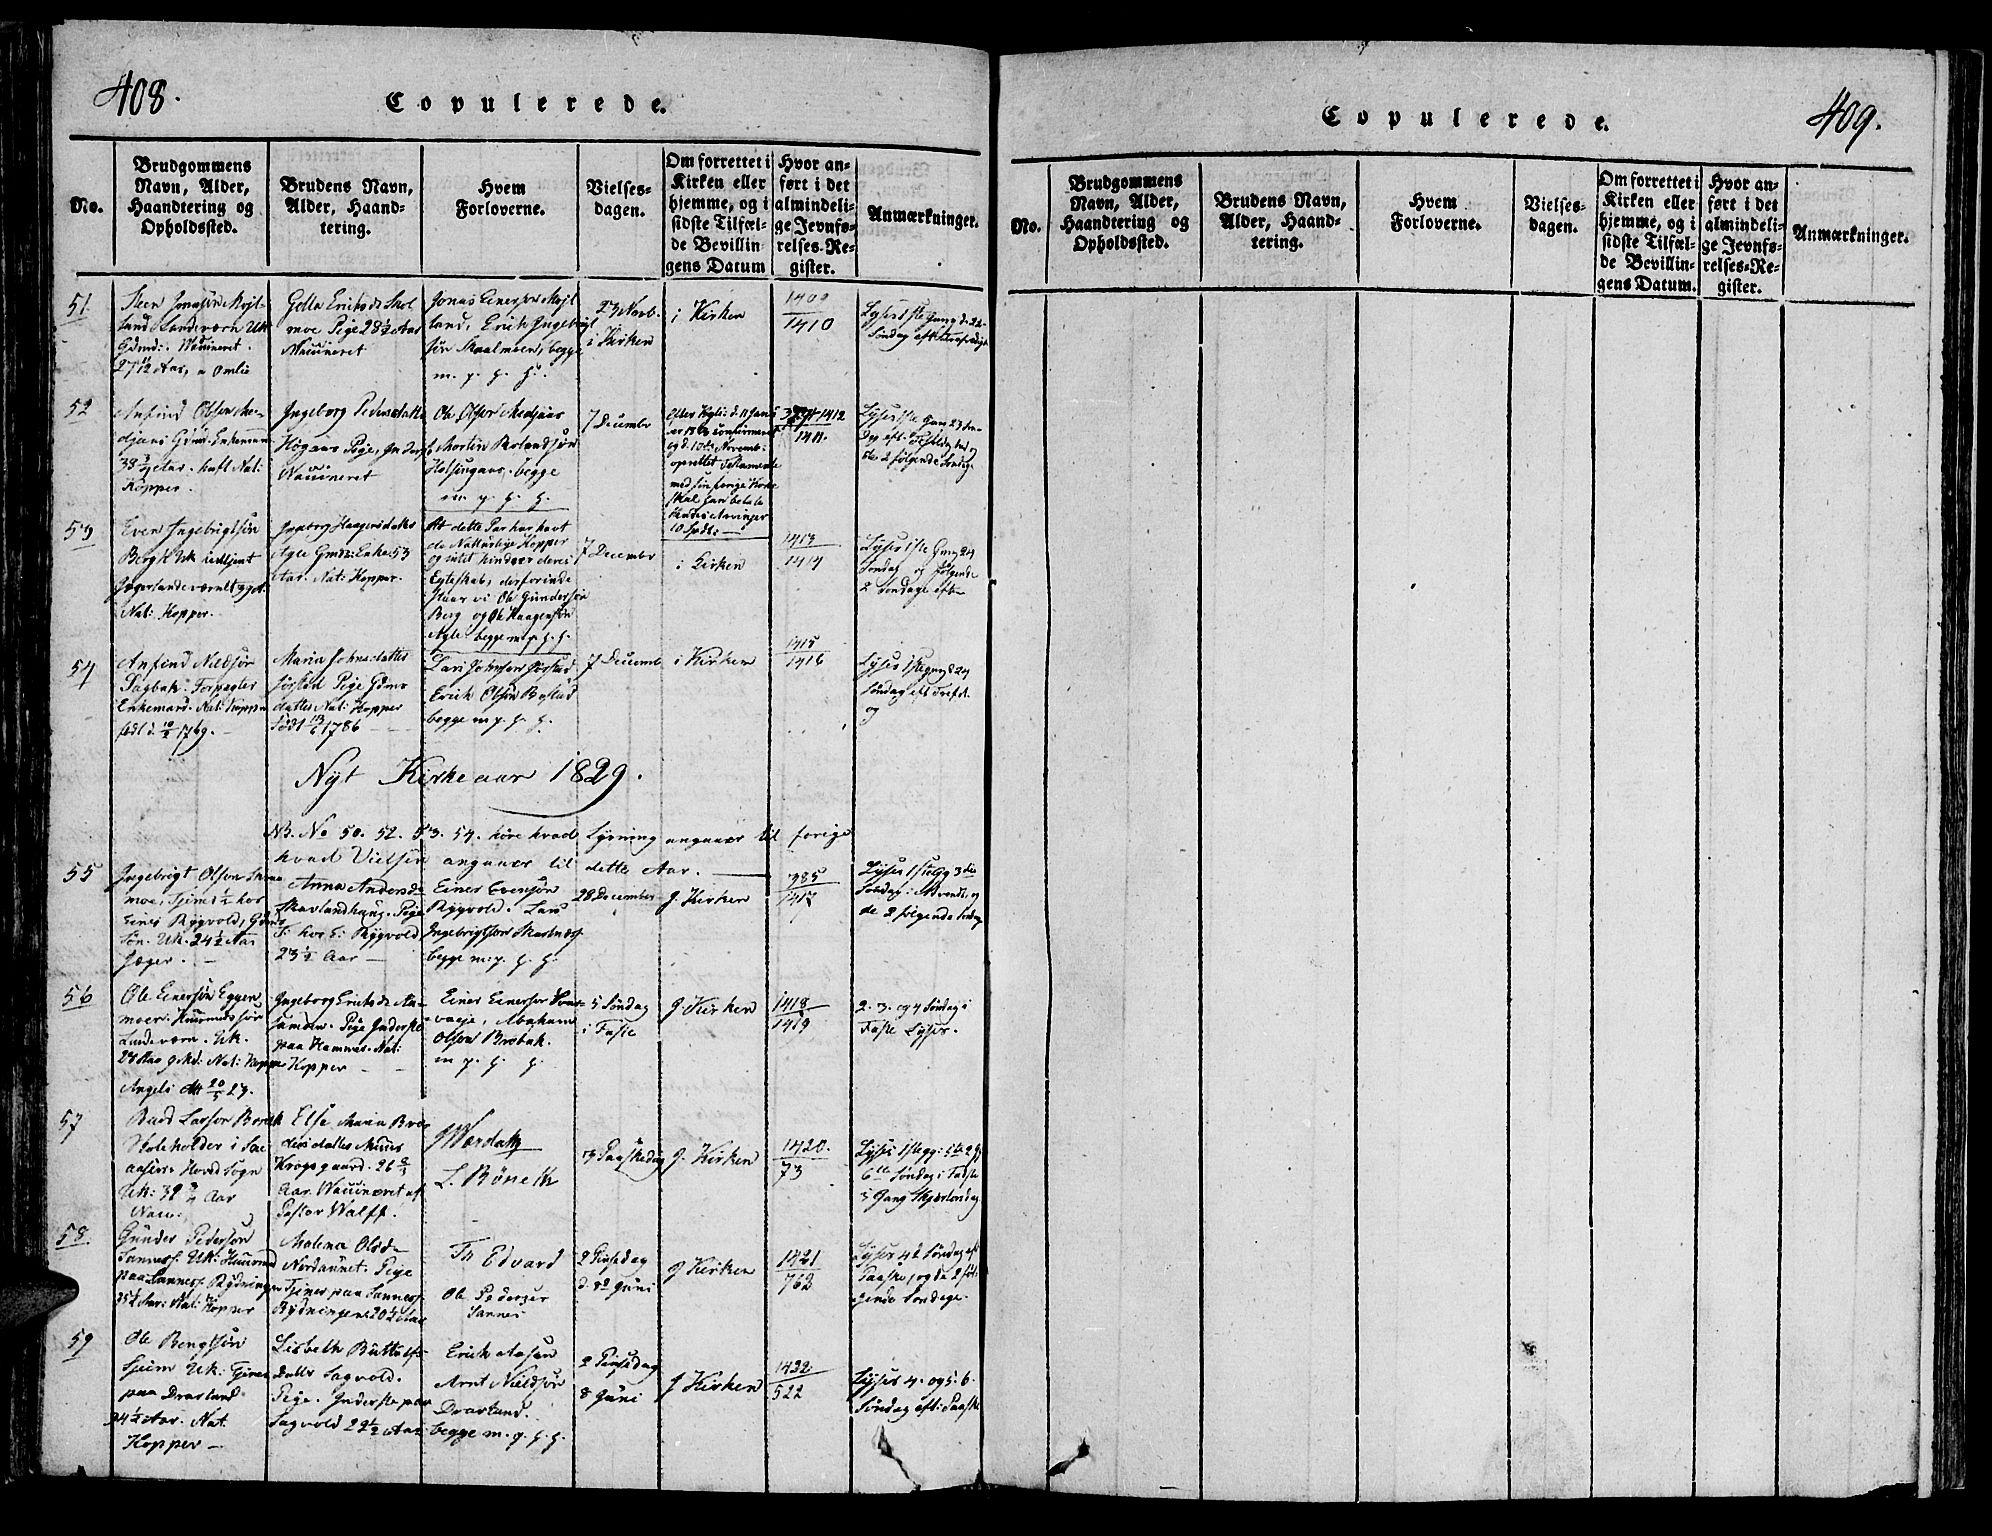 SAT, Ministerialprotokoller, klokkerbøker og fødselsregistre - Nord-Trøndelag, 749/L0479: Klokkerbok nr. 749C01, 1817-1829, s. 408-409